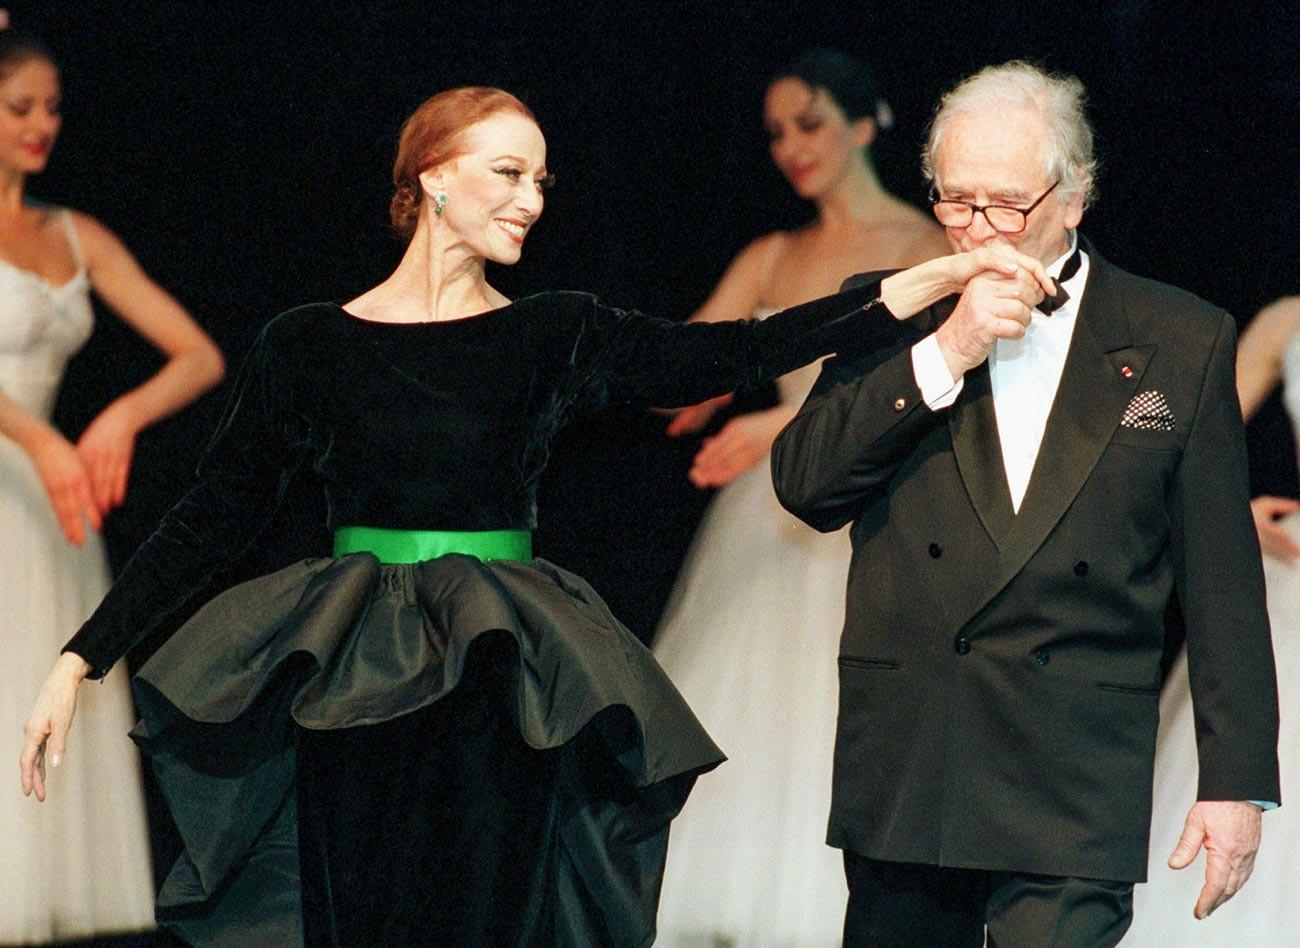 Plisetskaya and Cardin in in St Petersburg, 1998